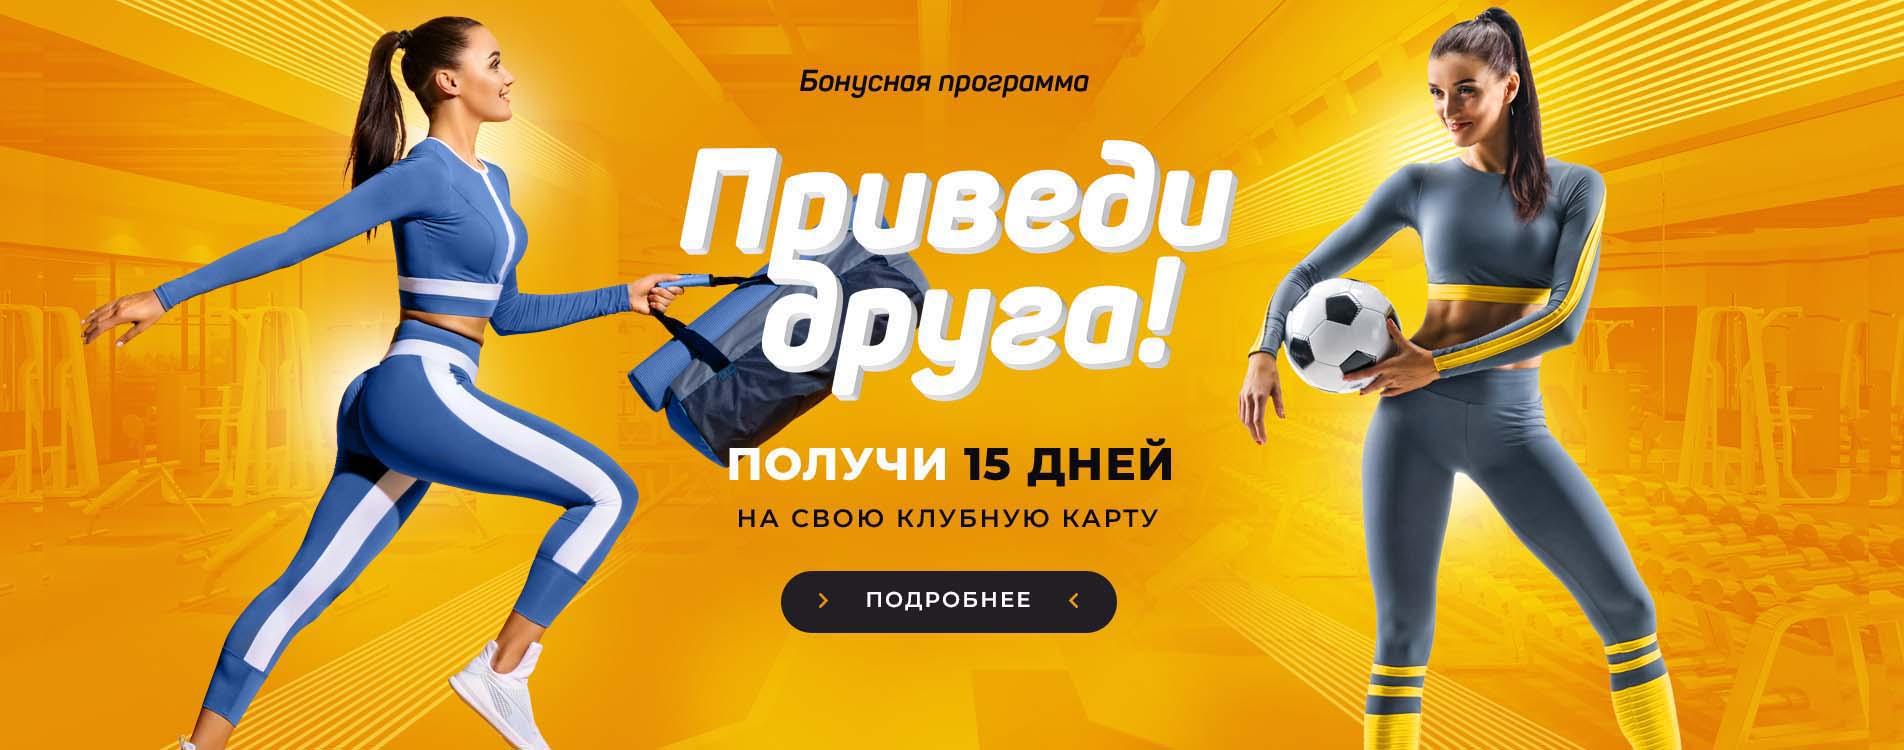 Фитнес клуб в Отрадном    ПАЛЛАДА 29d0f7dfecb